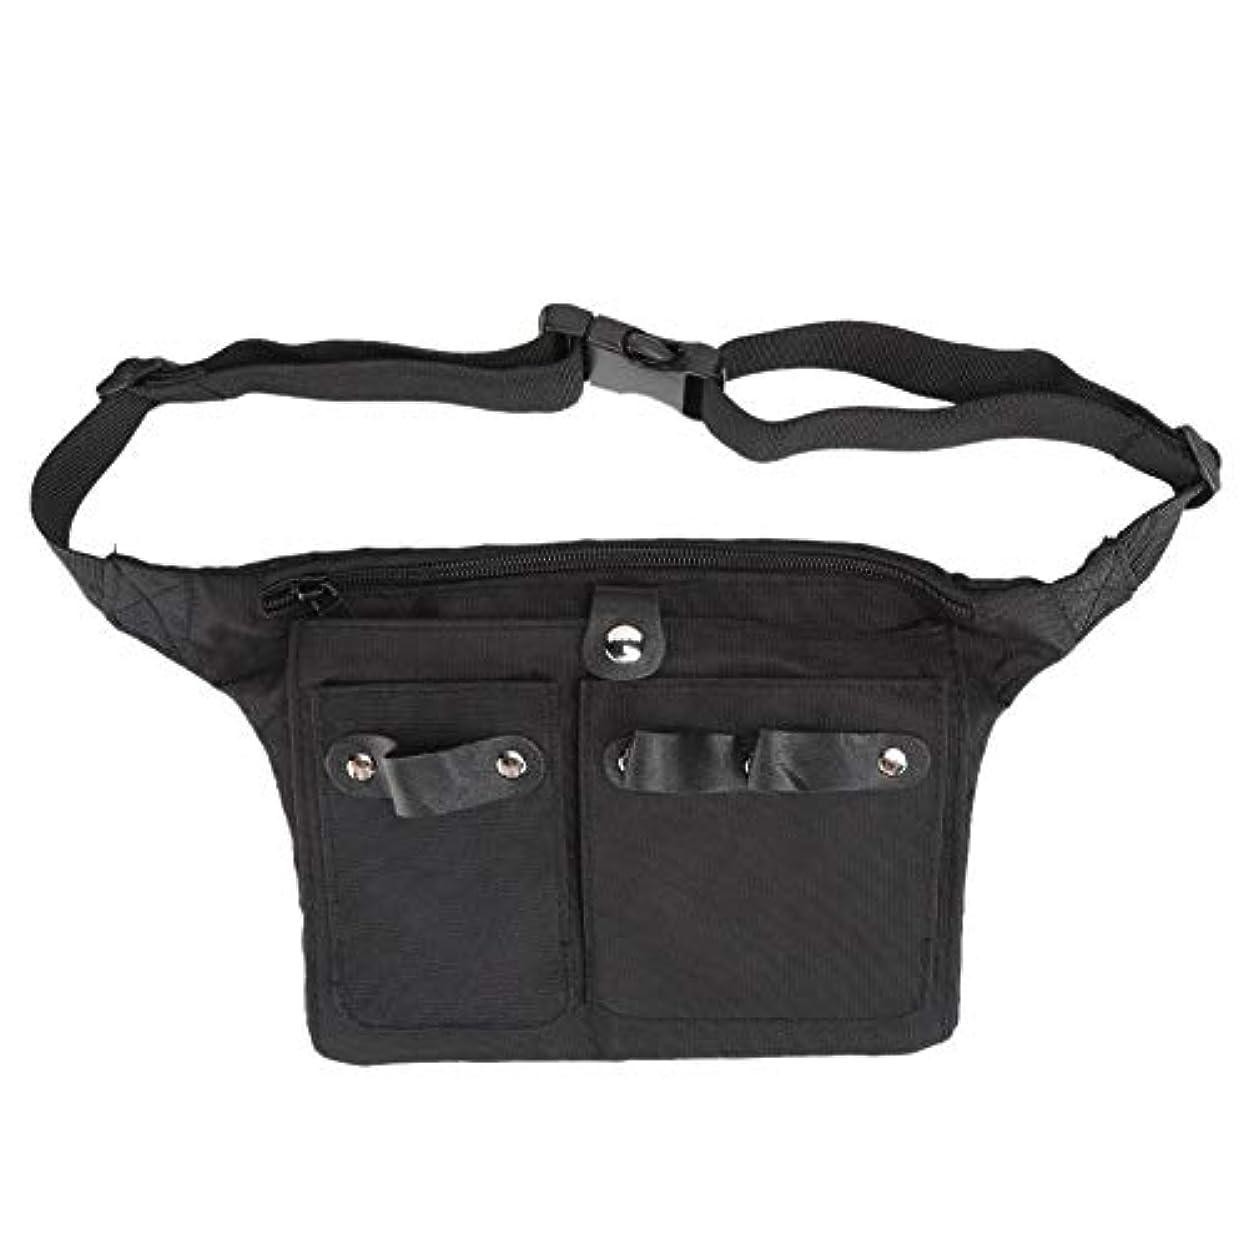 に付ける宿命占めるポータブルはさみ収納袋、多機能ポータブルはさみウエストバッグヘアクリップくし理髪ツール収納袋ブラック(黒)